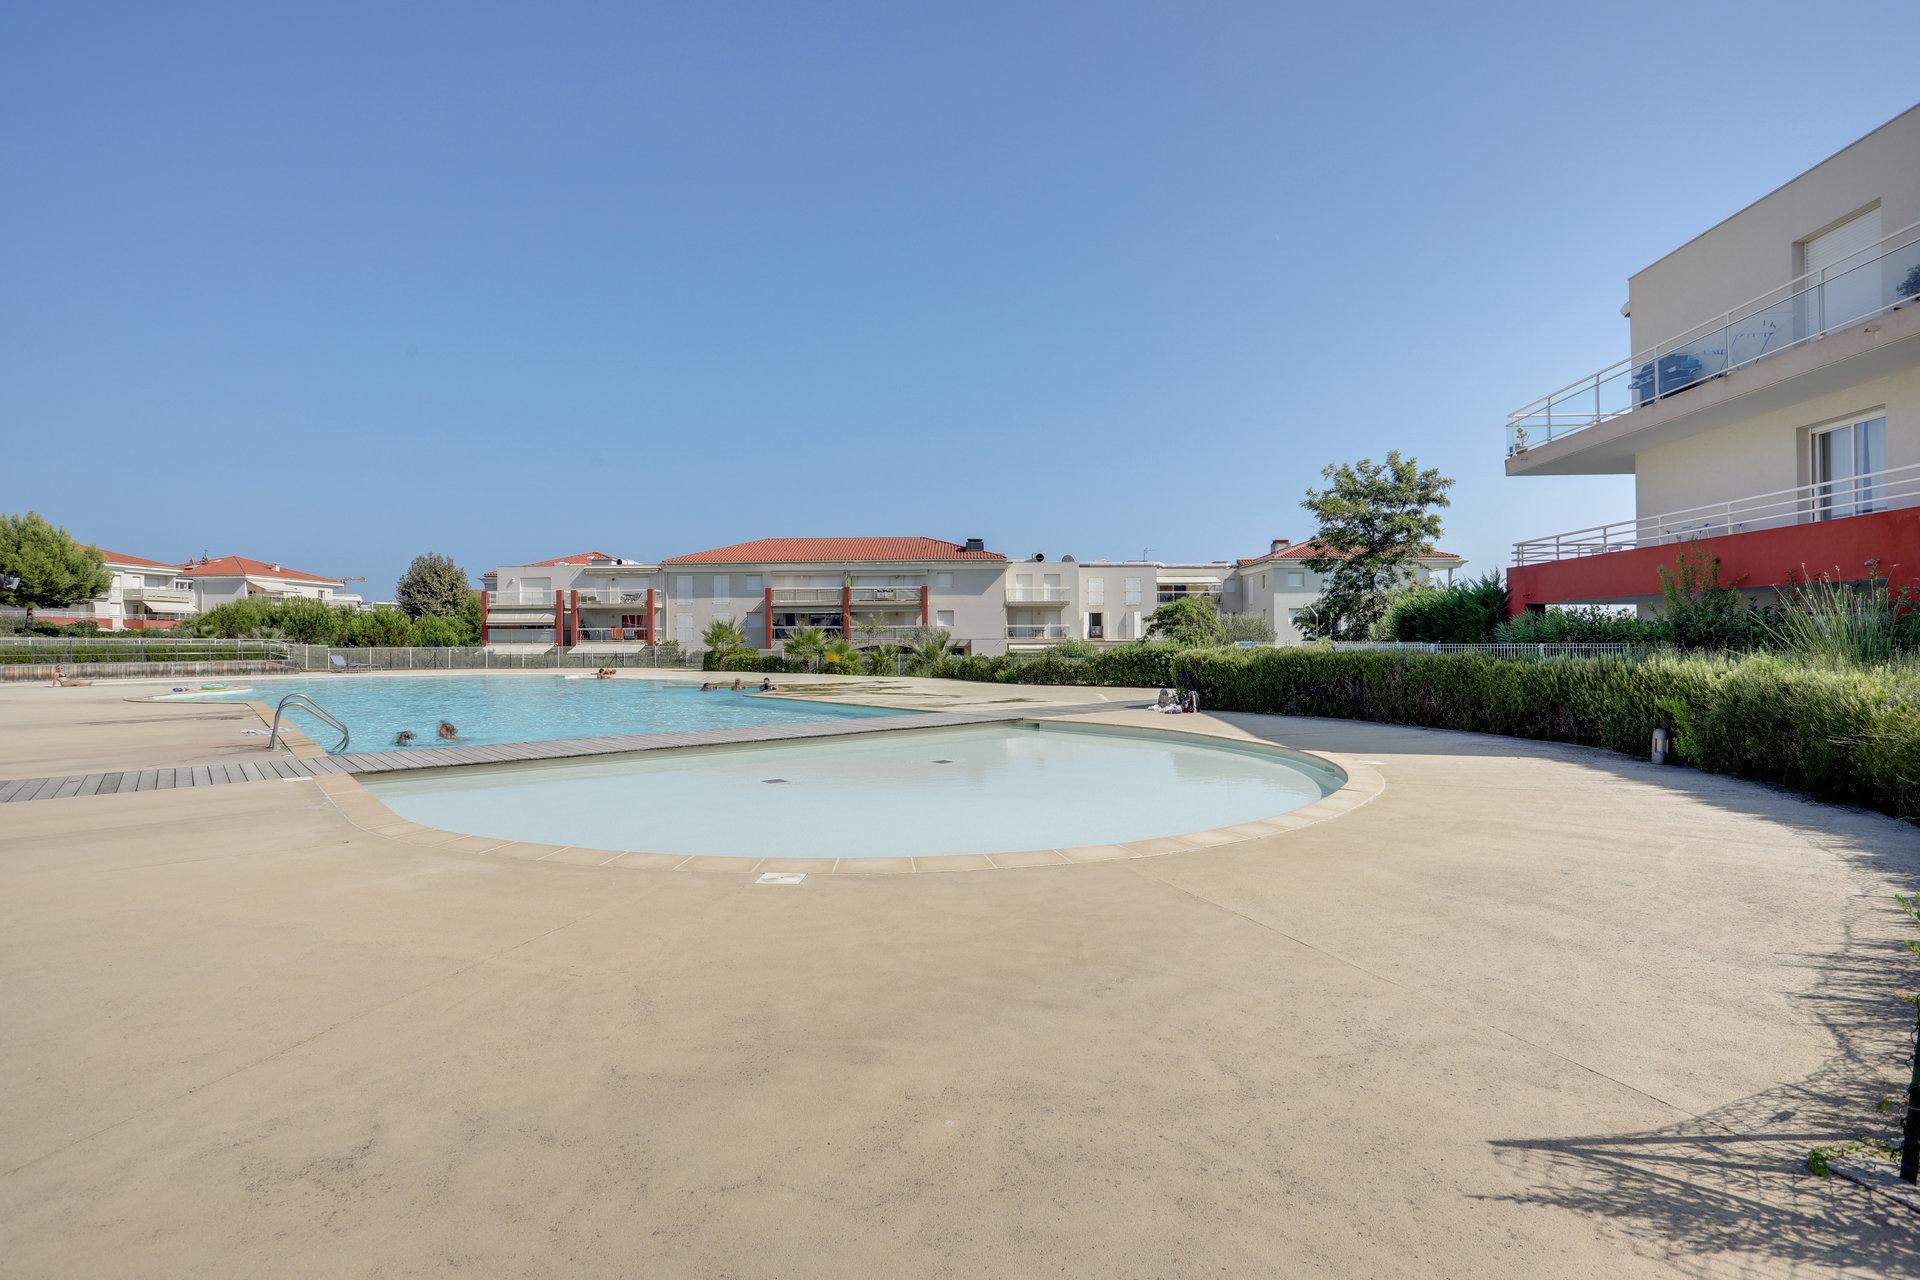 EXCLUSIVITE - Juan les Pins sur la plage - 3p dernier étg. Vue mer panoramique